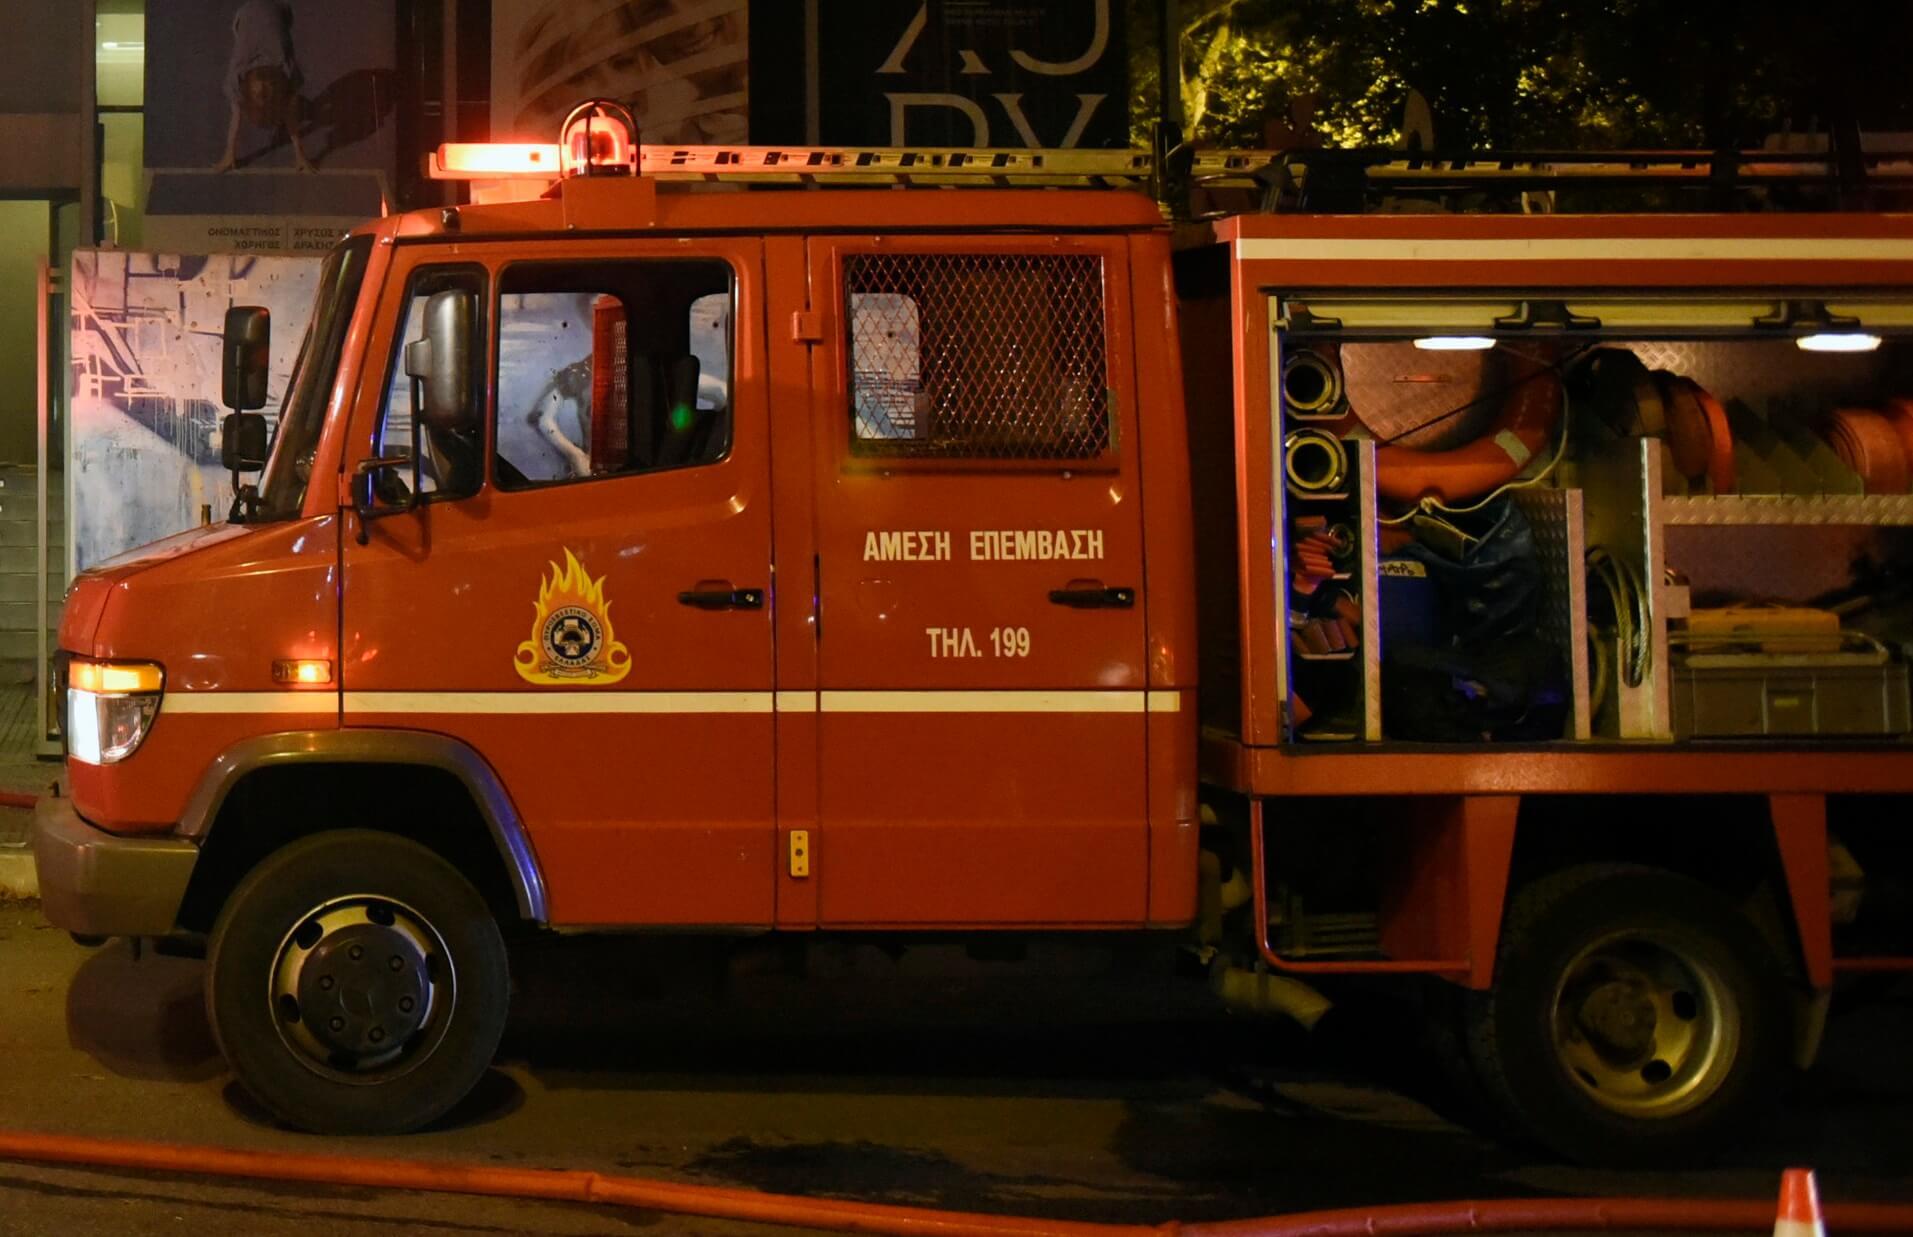 Εκρηξη έξω από τα γραφεία εταιρείας πετρελαιοειδών στη Βάρη